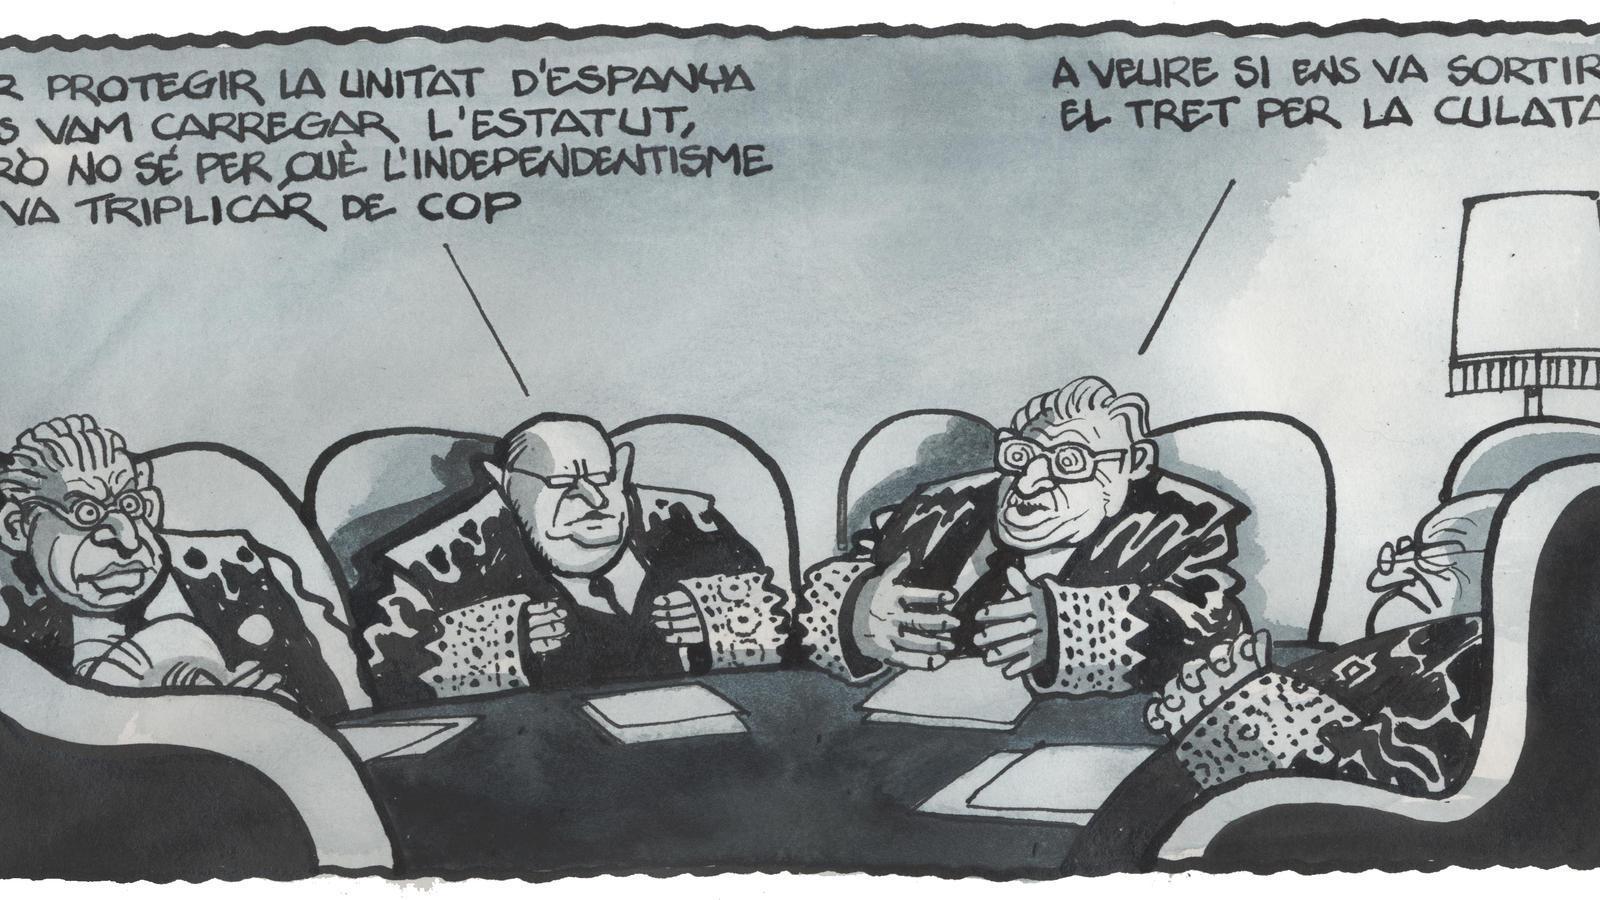 'A la contra', per Ferreres 01/07/2020